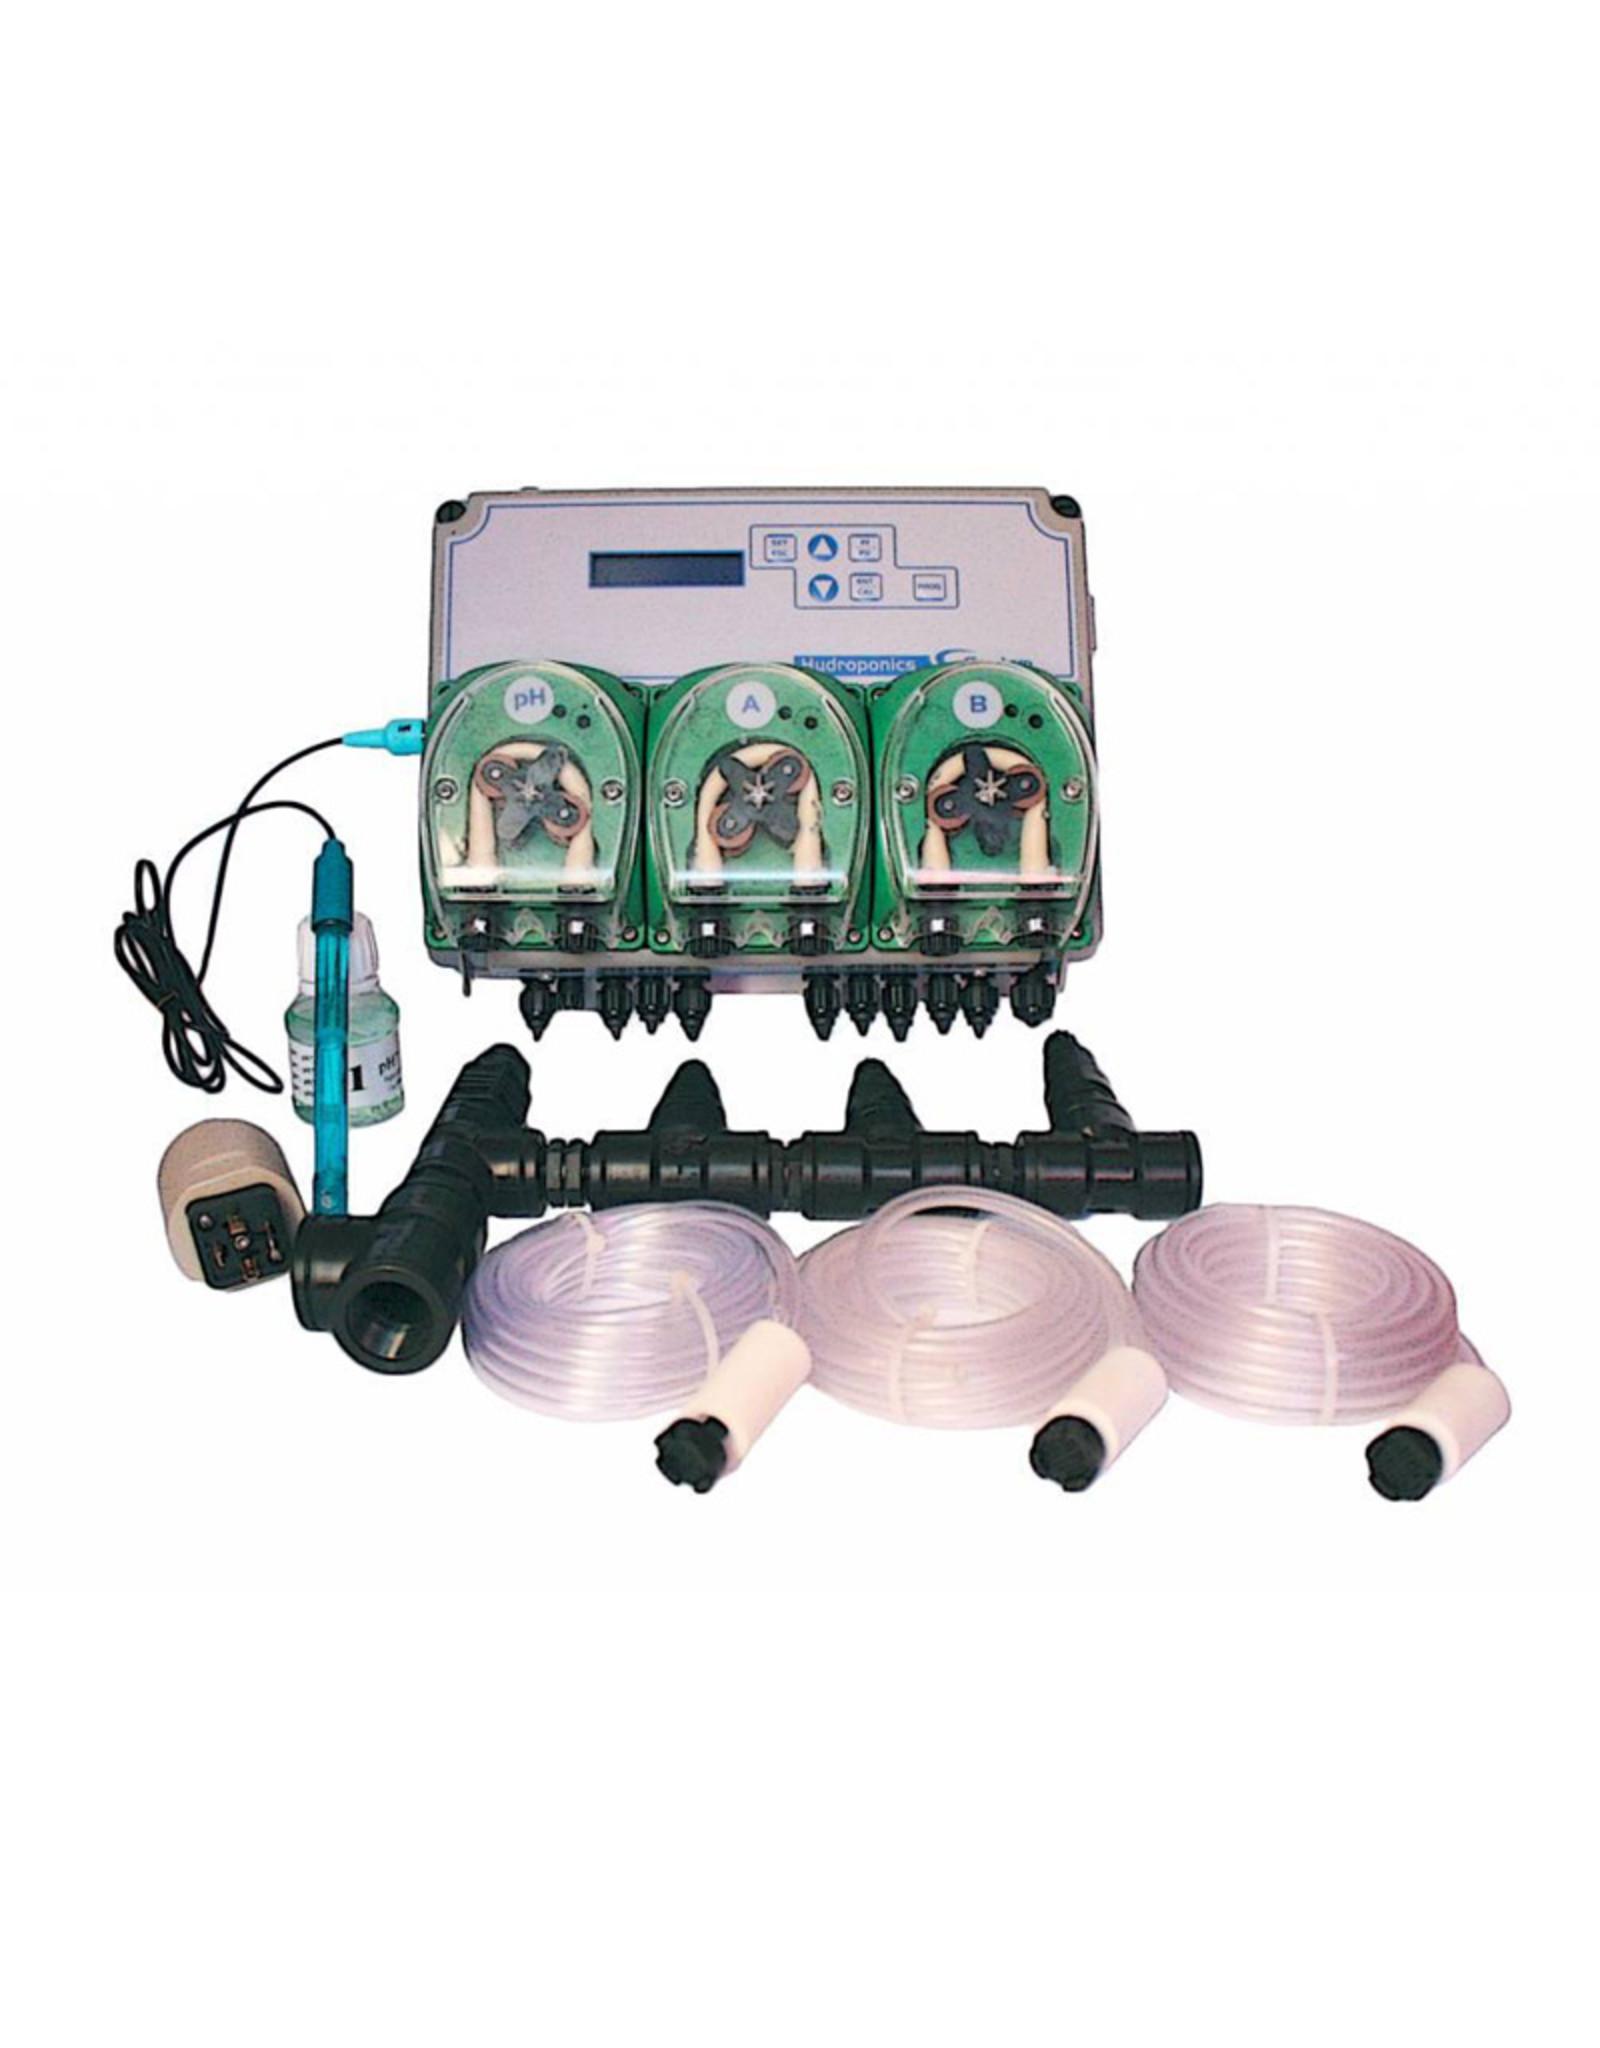 PROSYSTEM PROSYSTEM Voedingscomputer Basic